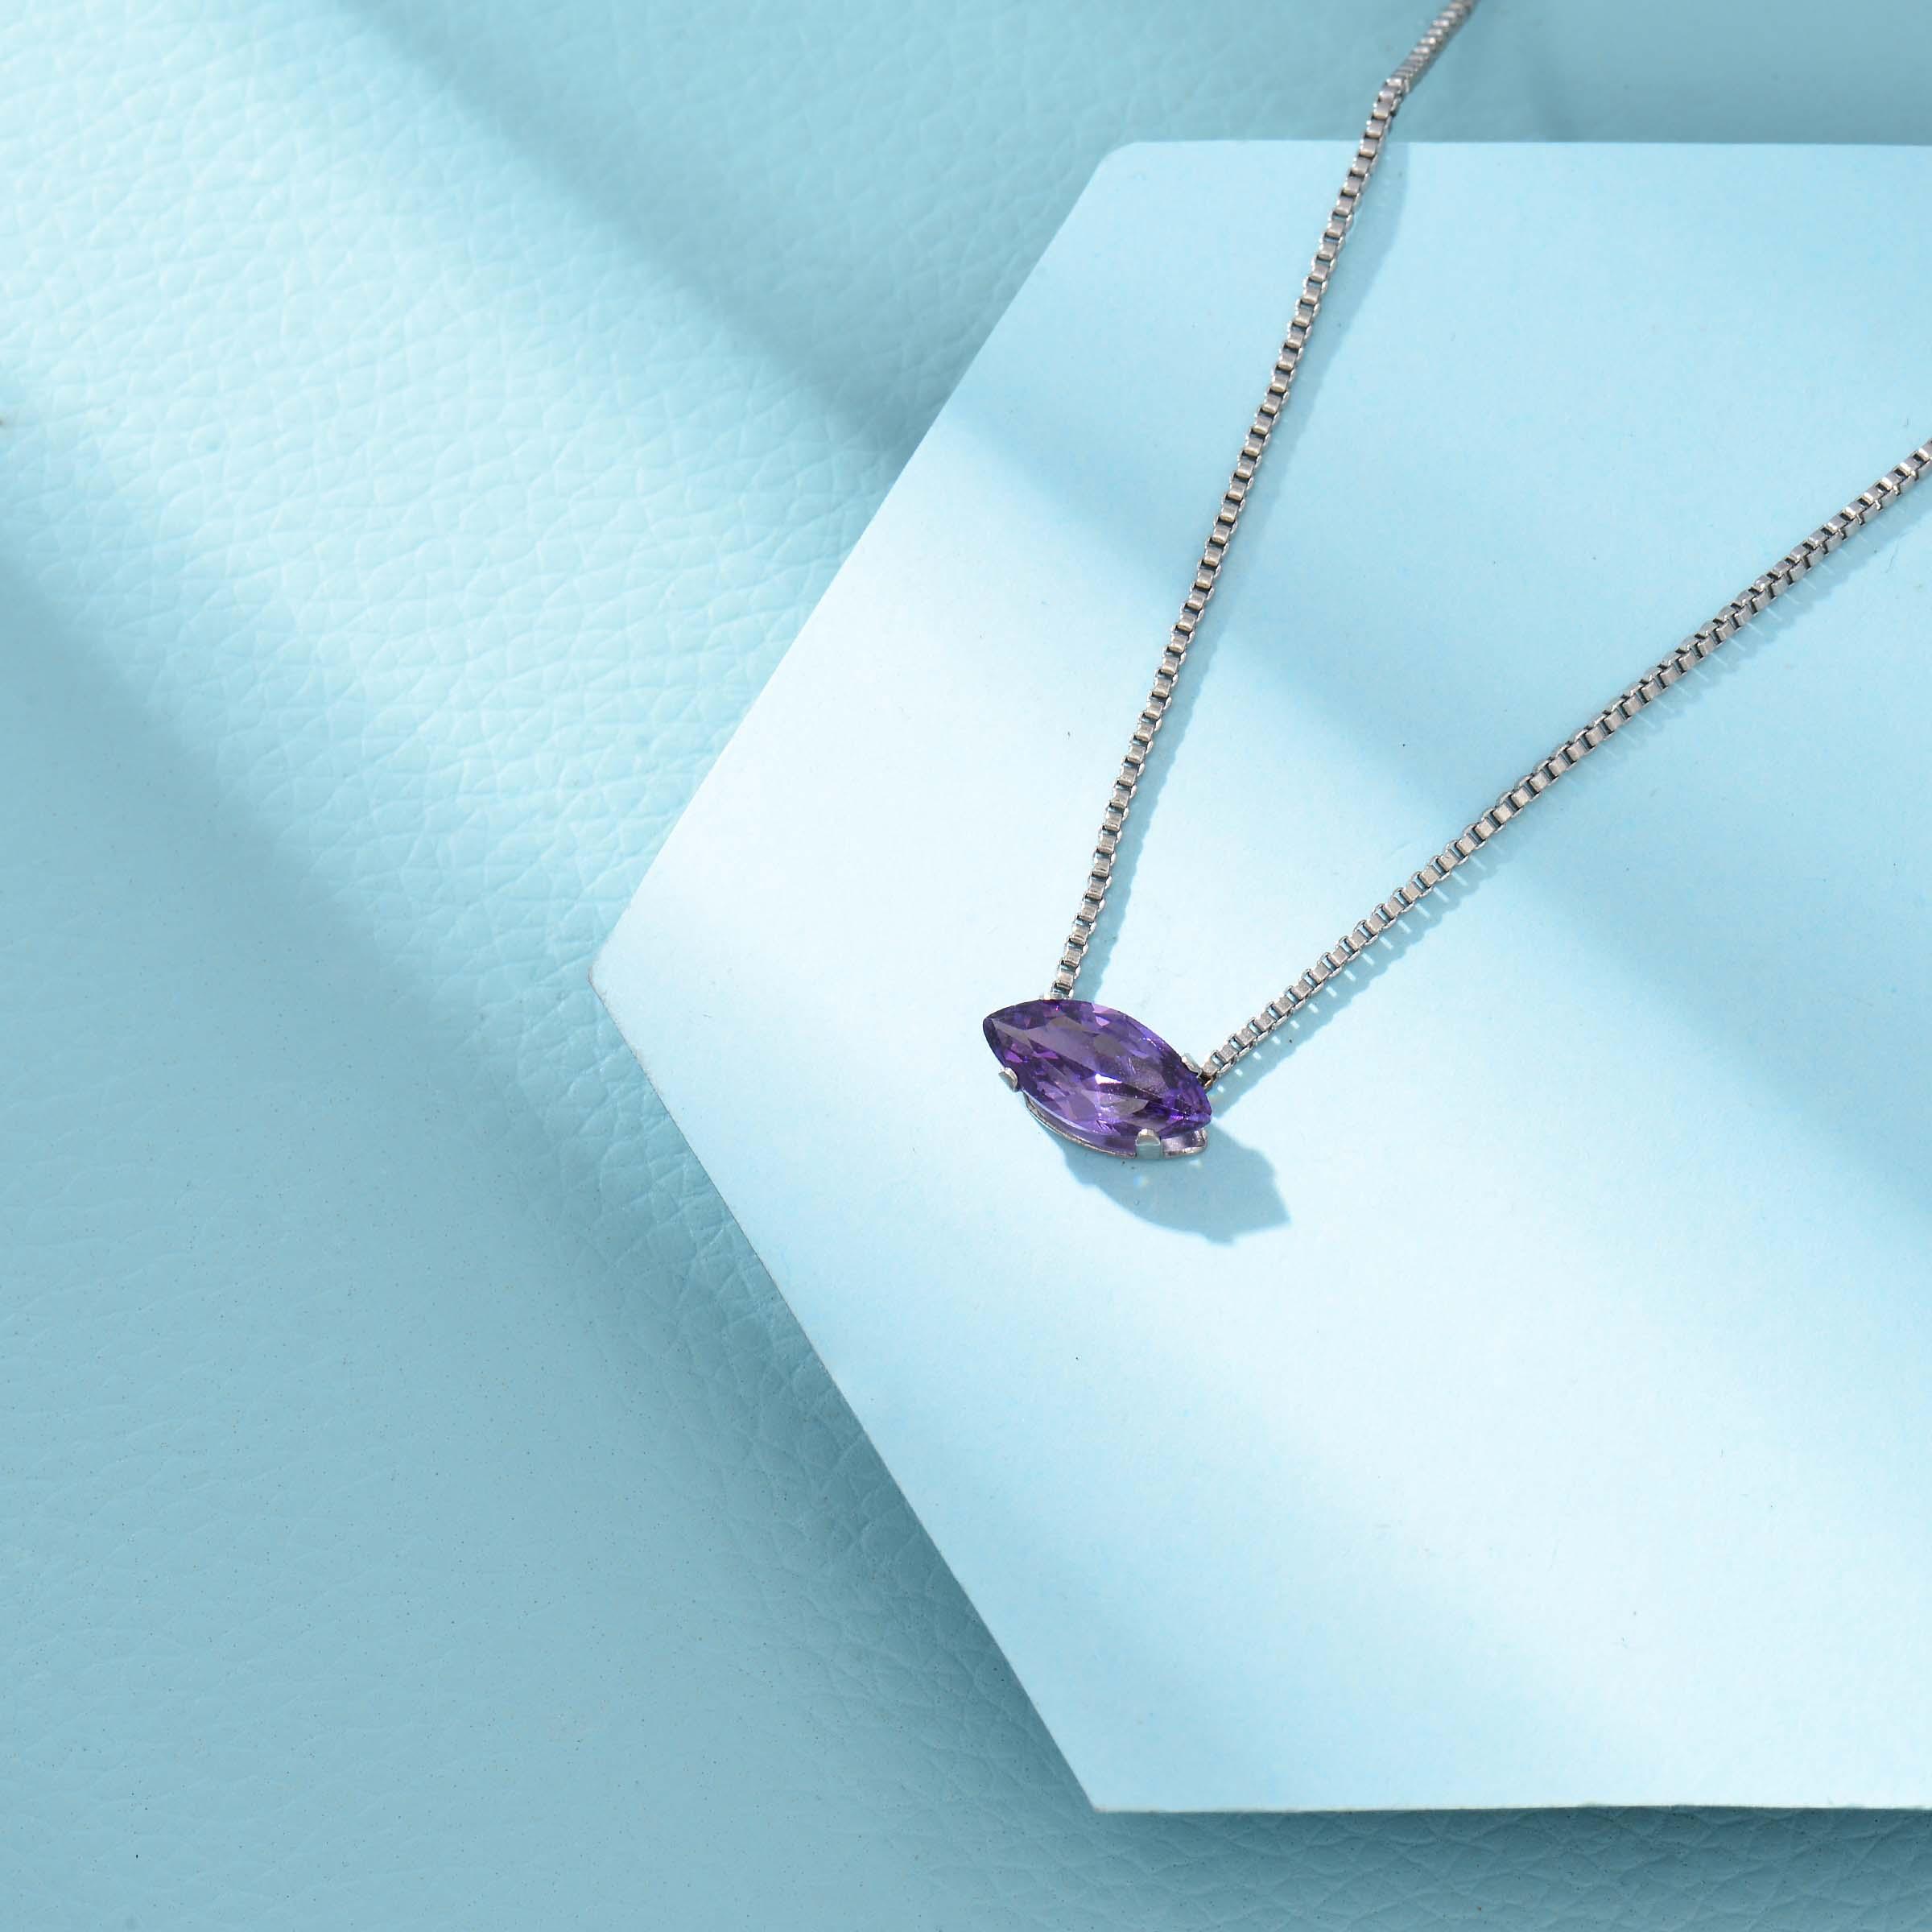 Collares de Acero Inoxidable para Mujer al por Mayor -SSNEG143-33854